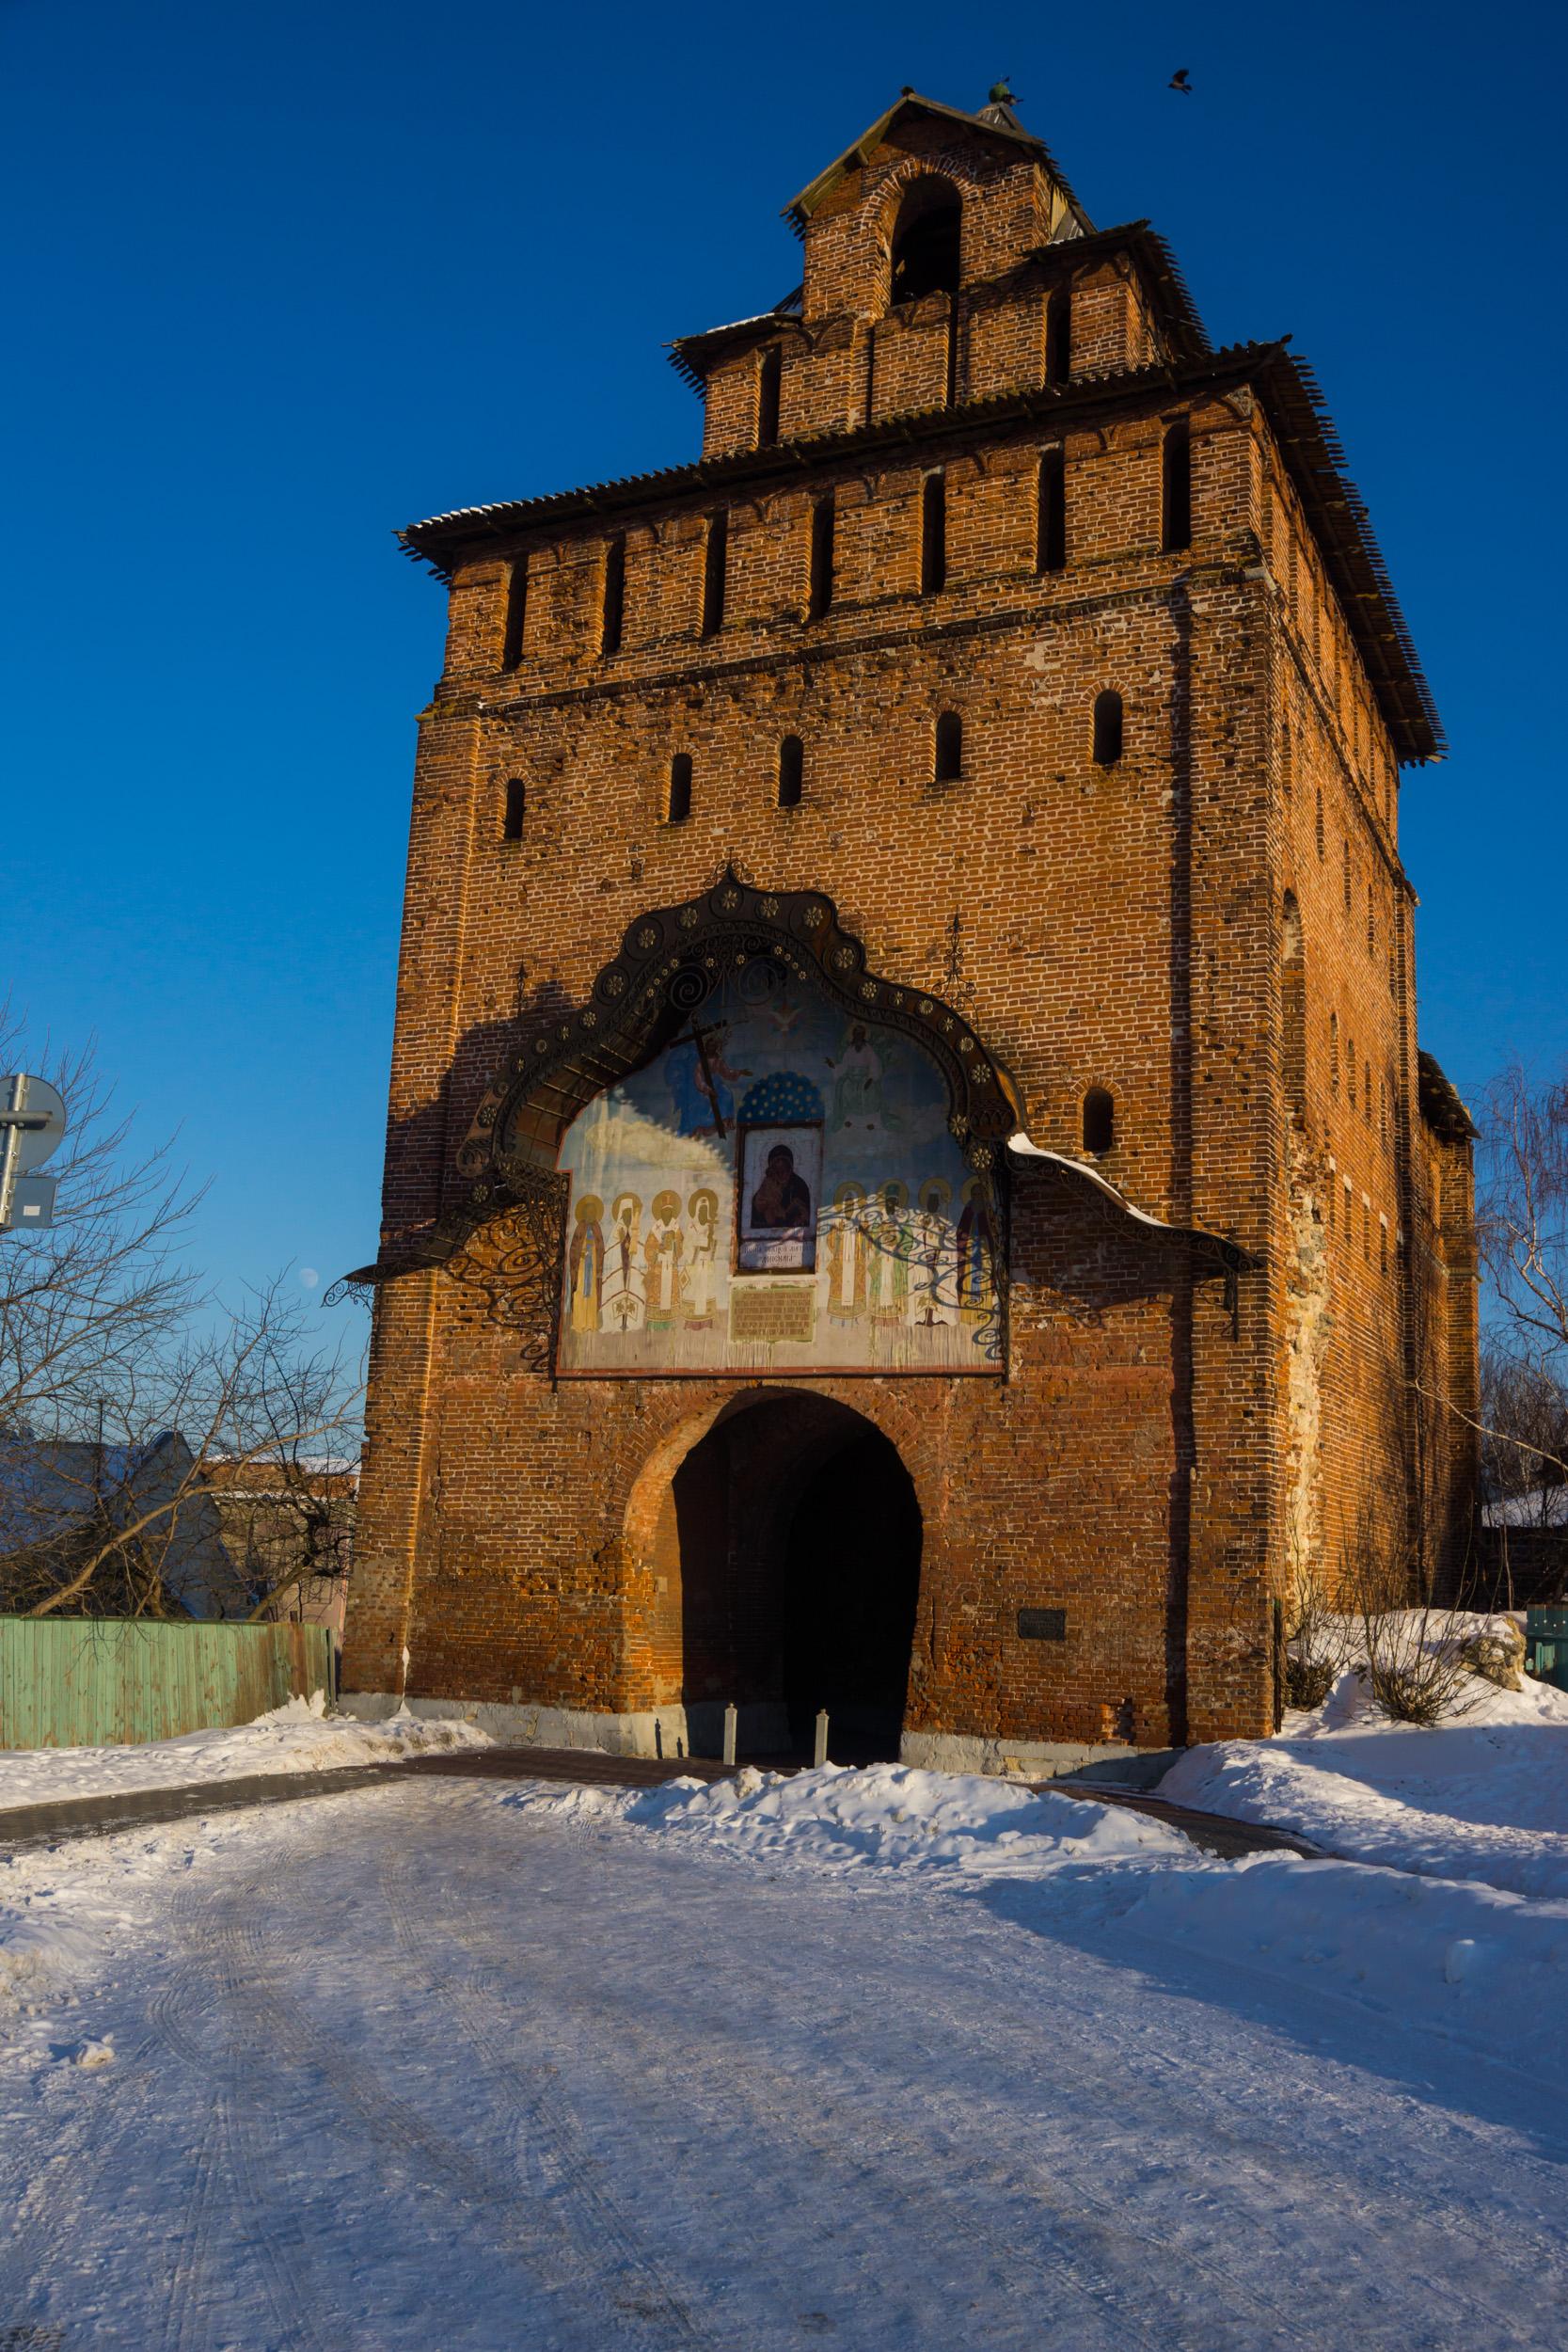 Коломенский кремль - Пятницкая башня